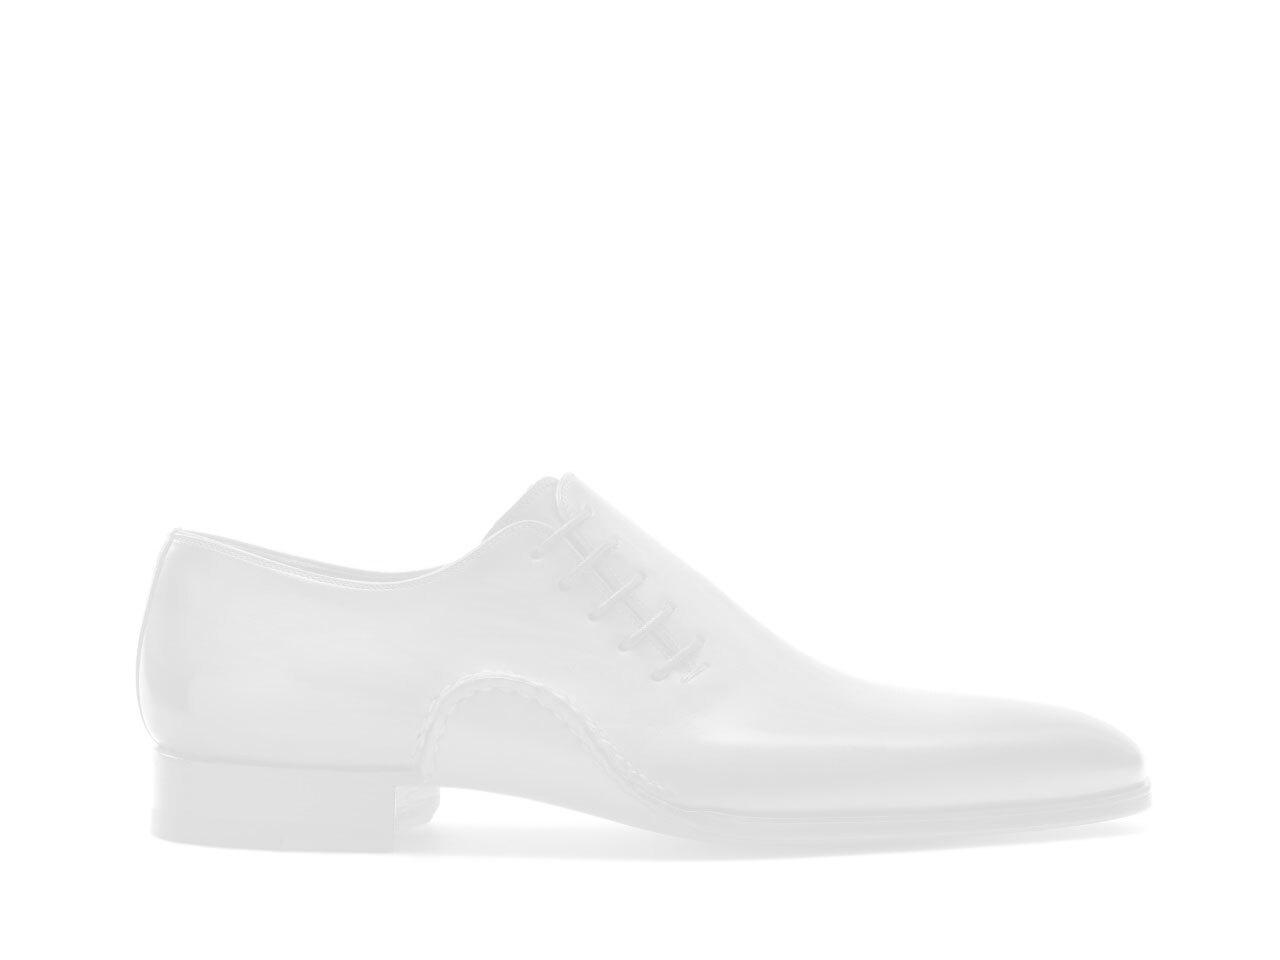 Navy blue suede tassel loafer shoes for men - Magnanni